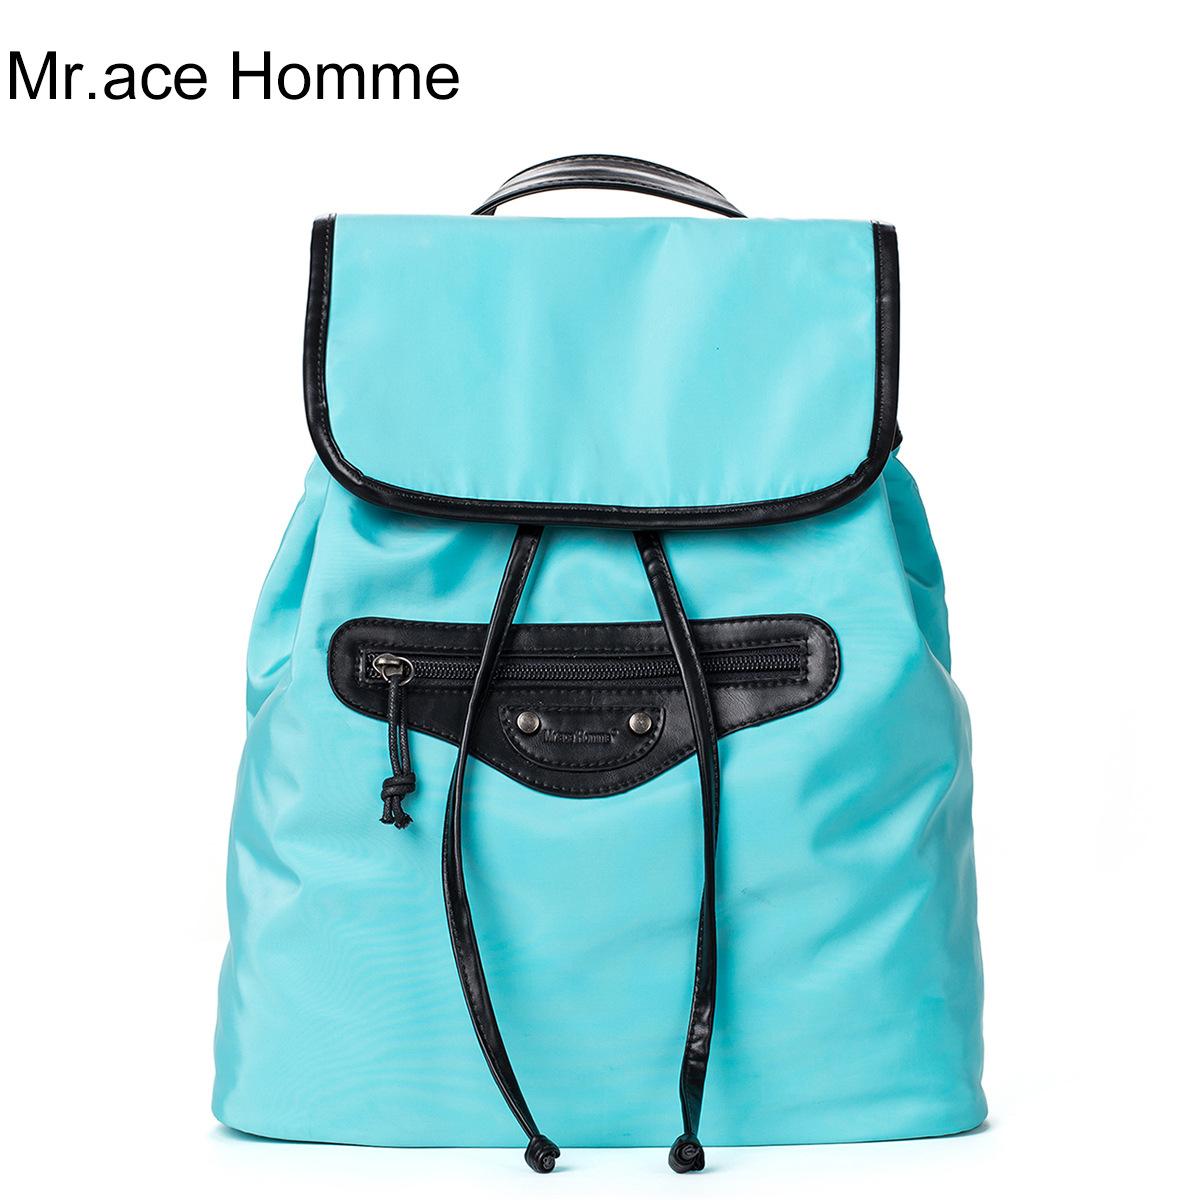 2015 nouveaux tudiants loisirs pur vent seau sac dos voyage sac dans sacs dos de valises. Black Bedroom Furniture Sets. Home Design Ideas